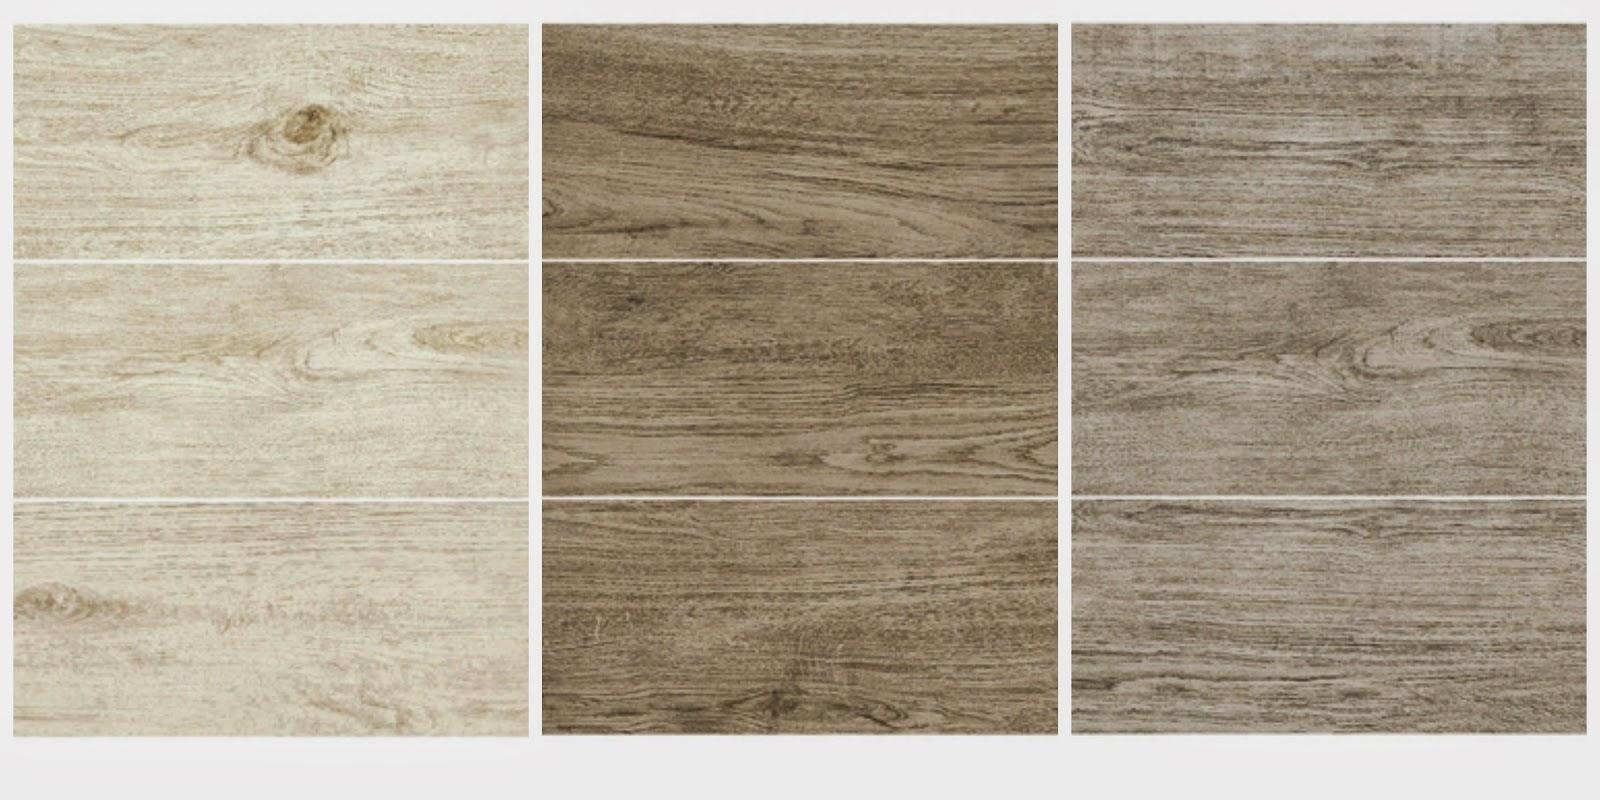 ShabbyPassion: [Parliamo di] Gres porcellanato effetto legno